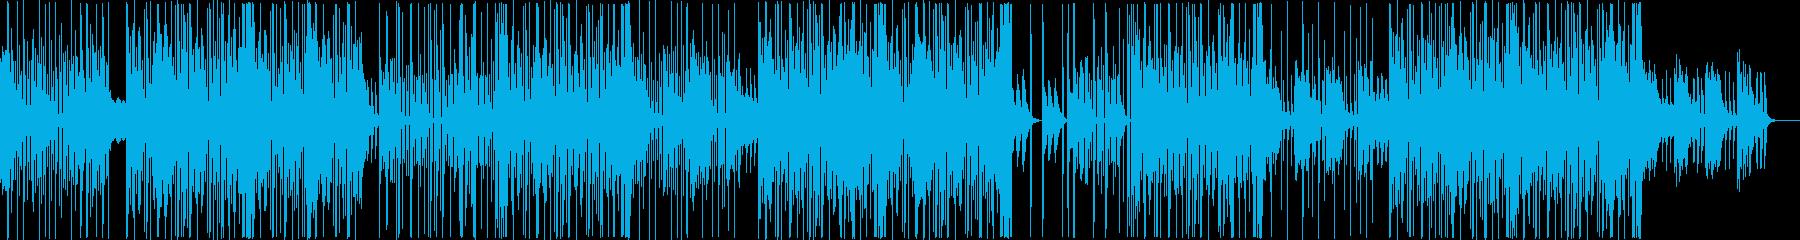 お洒落な洋楽トラップビートの再生済みの波形